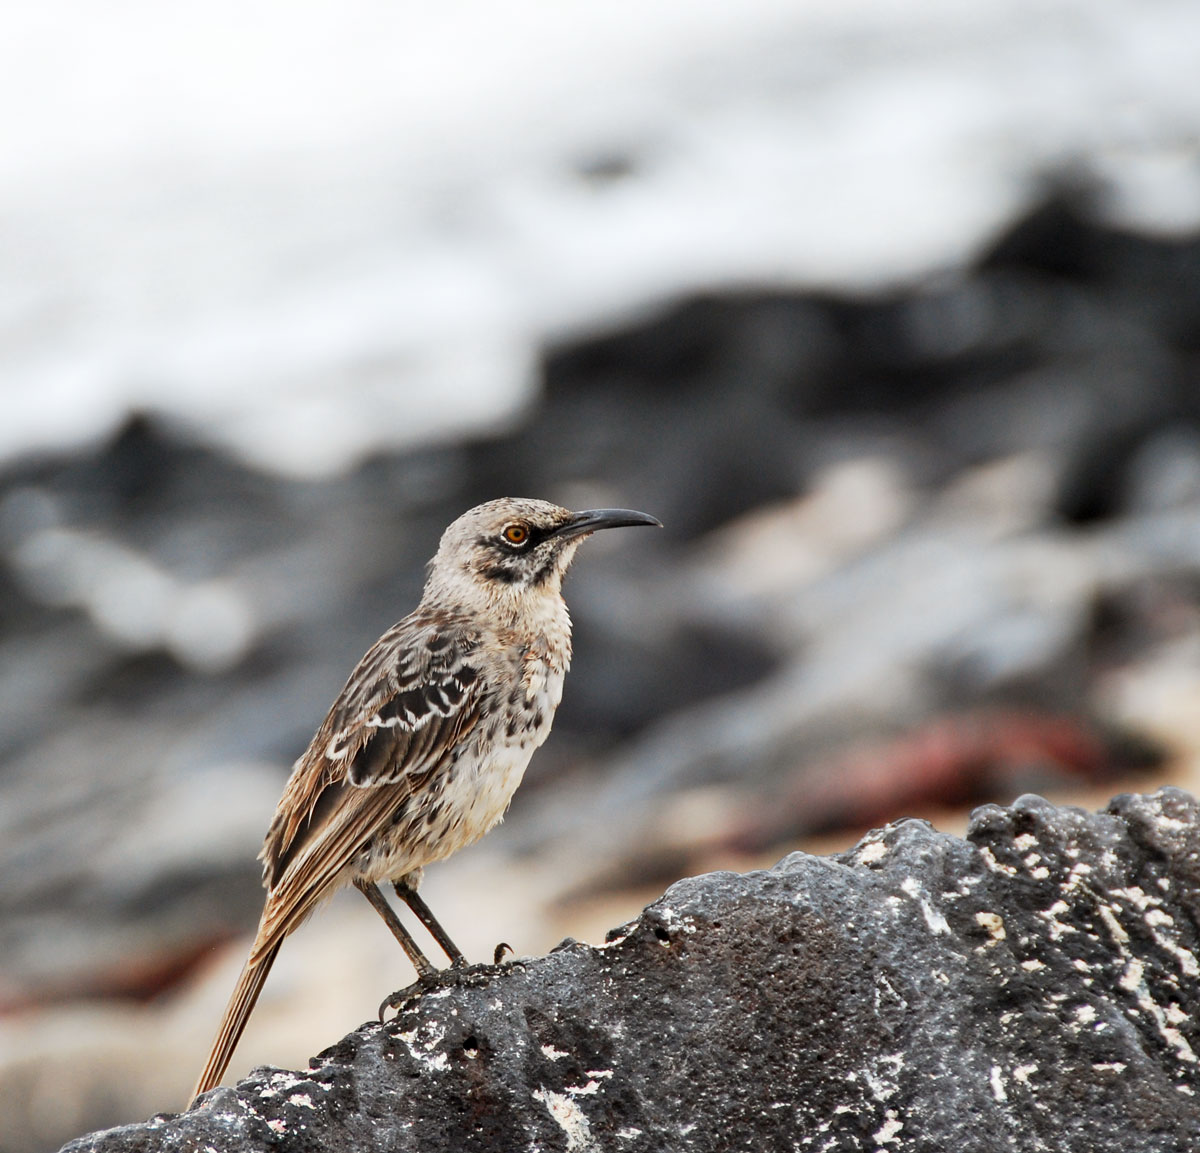 Galapagos, Espanola Galapagosöarna djur resor fågel © 2017 Resor och äventyr